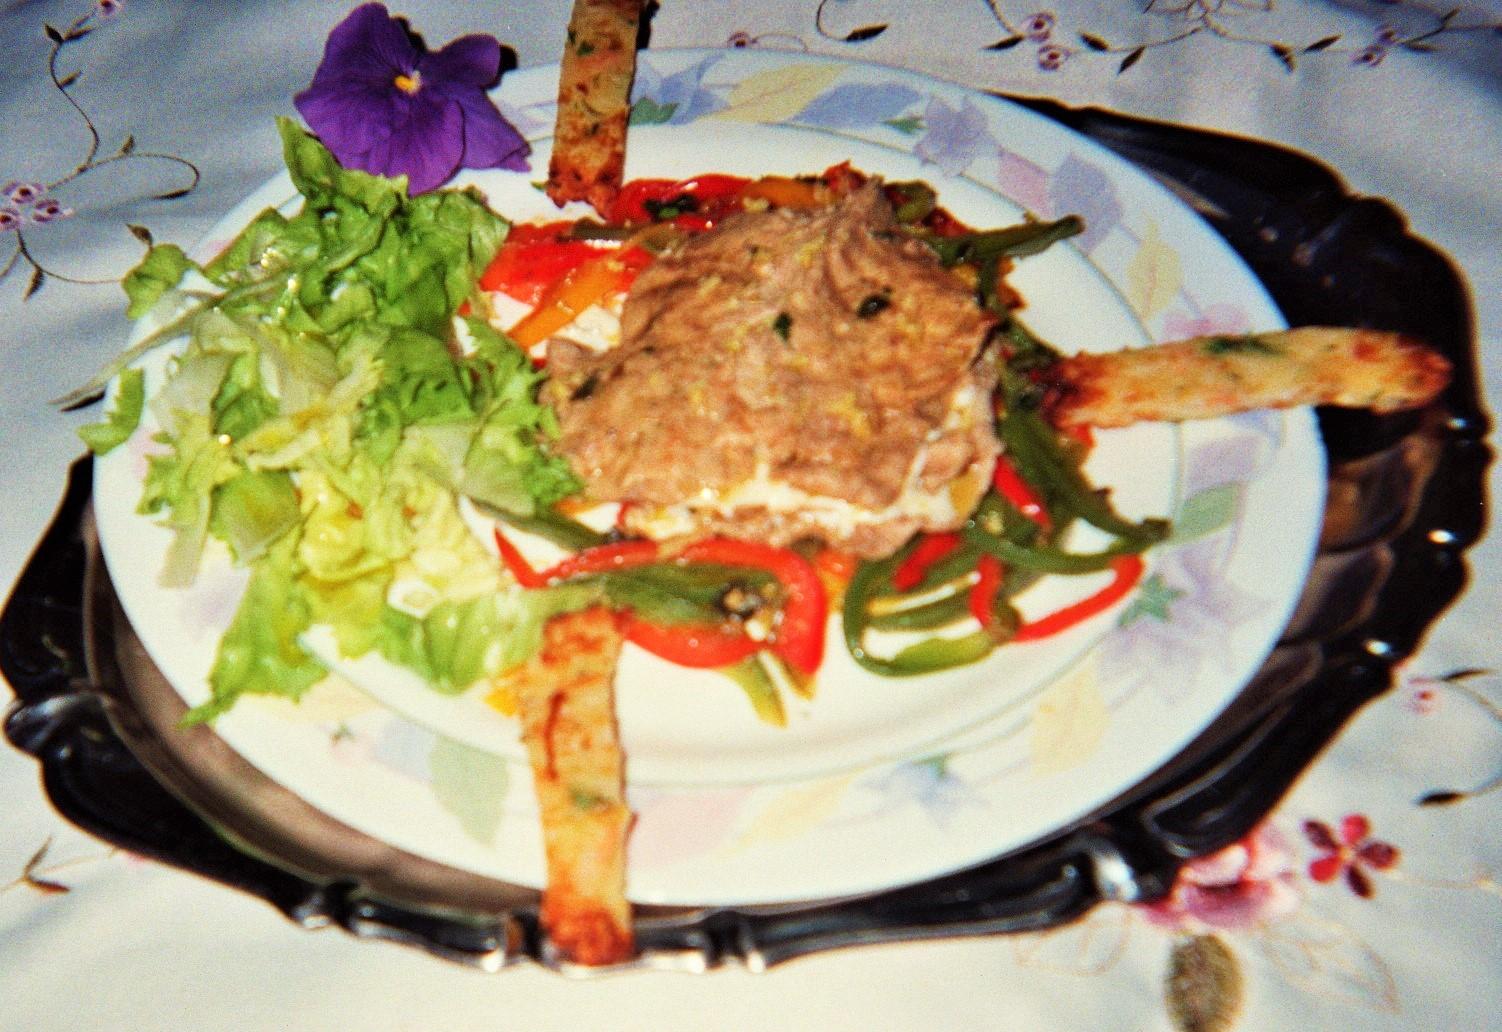 fettine  di carne imbottite